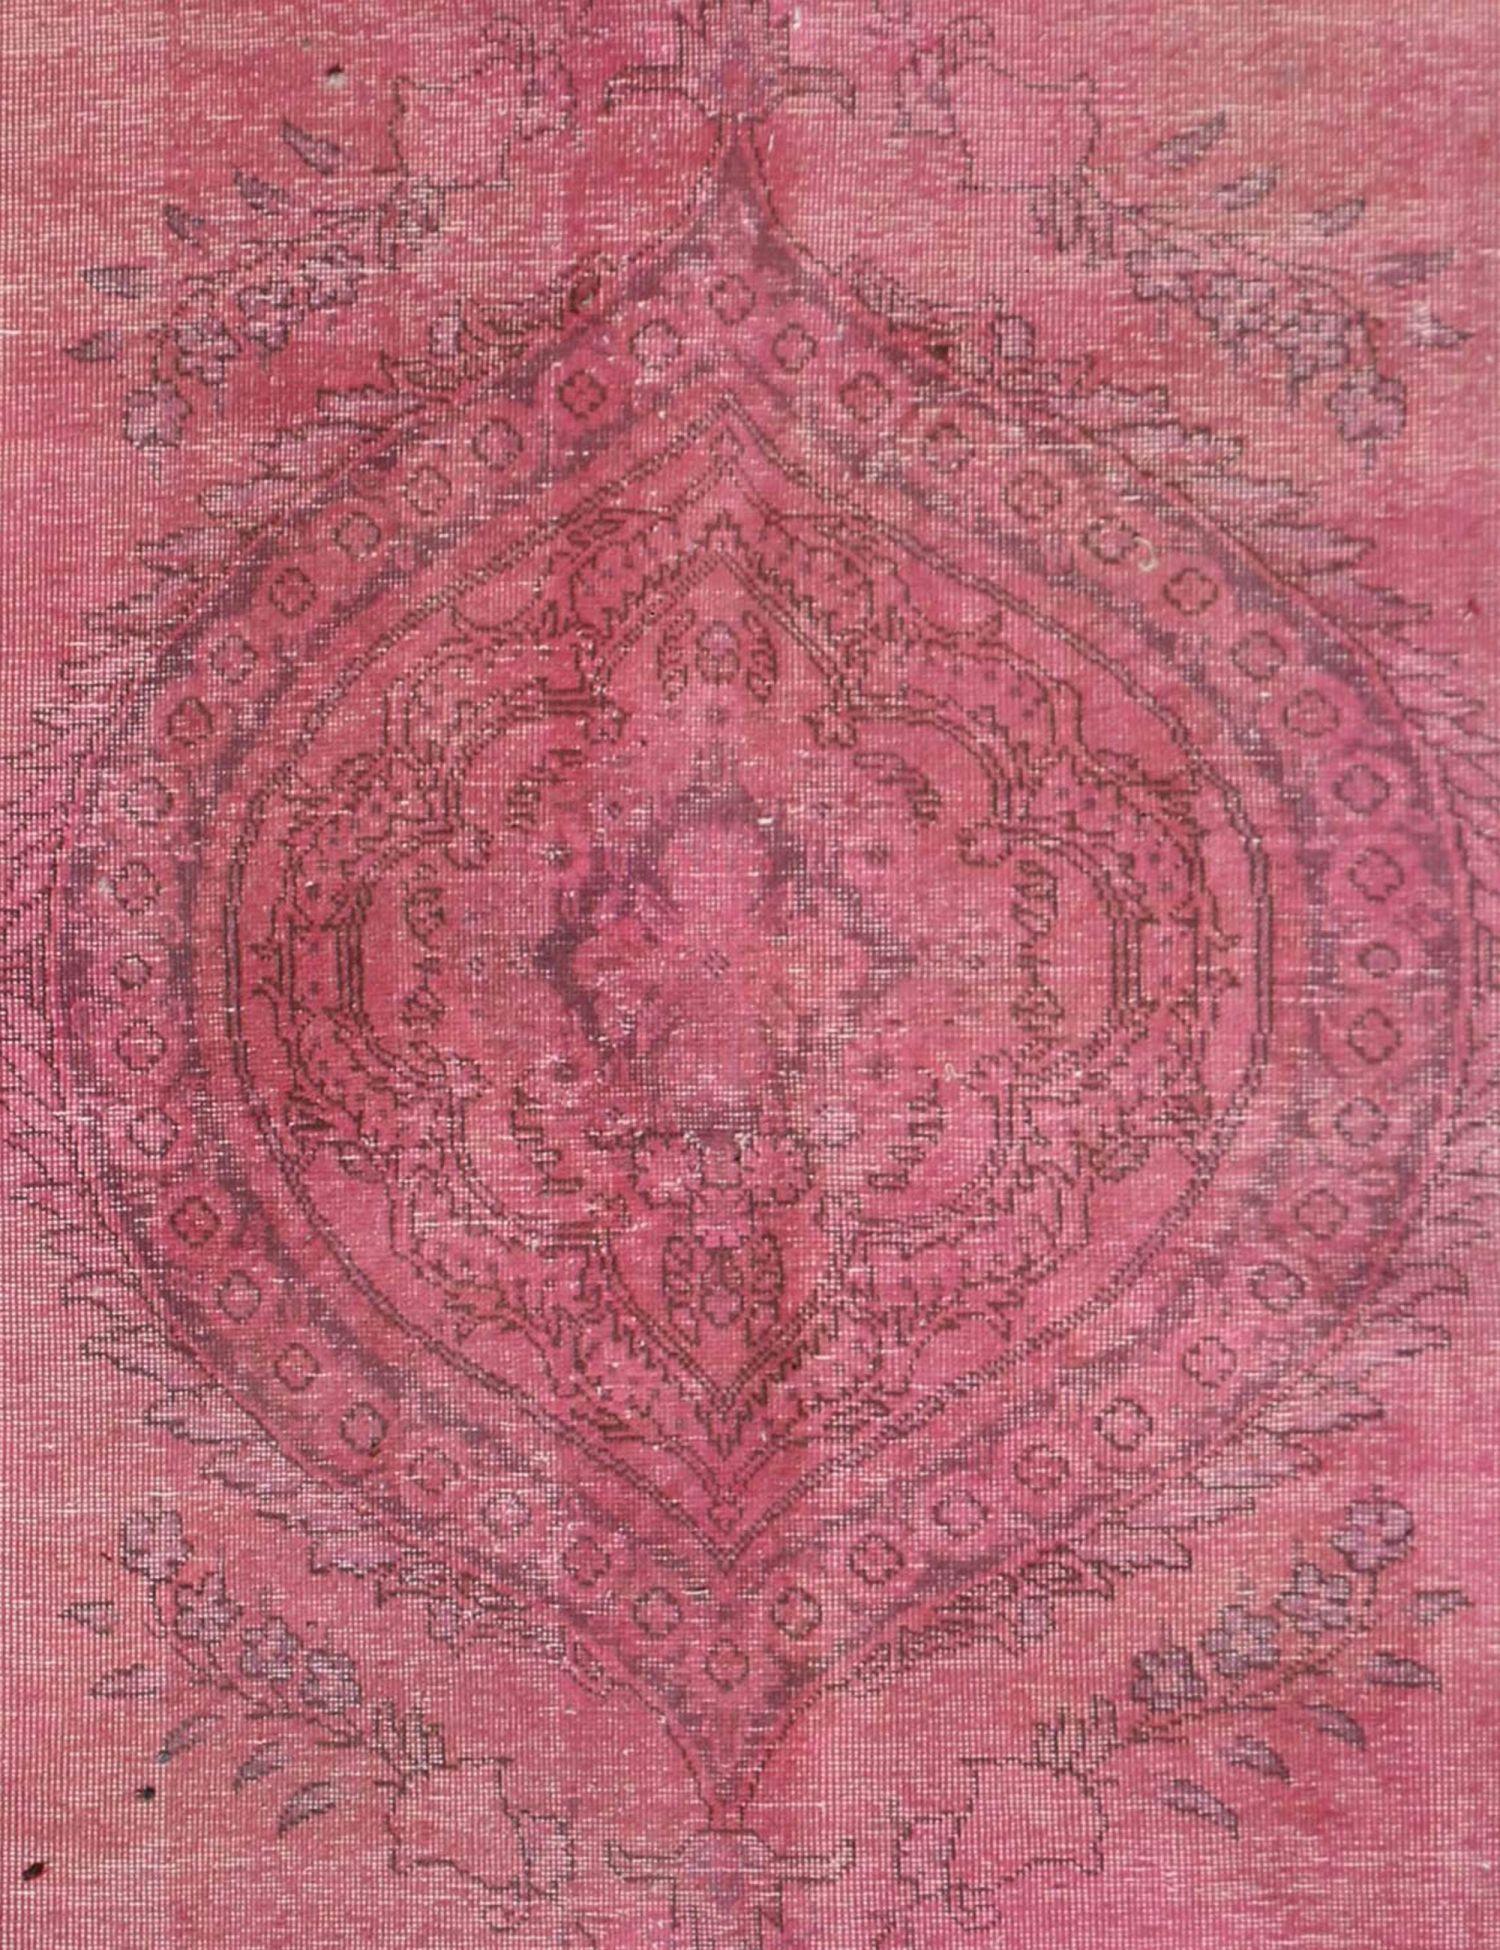 Persischer Vintage Teppich  rosa <br/>220 x 160 cm